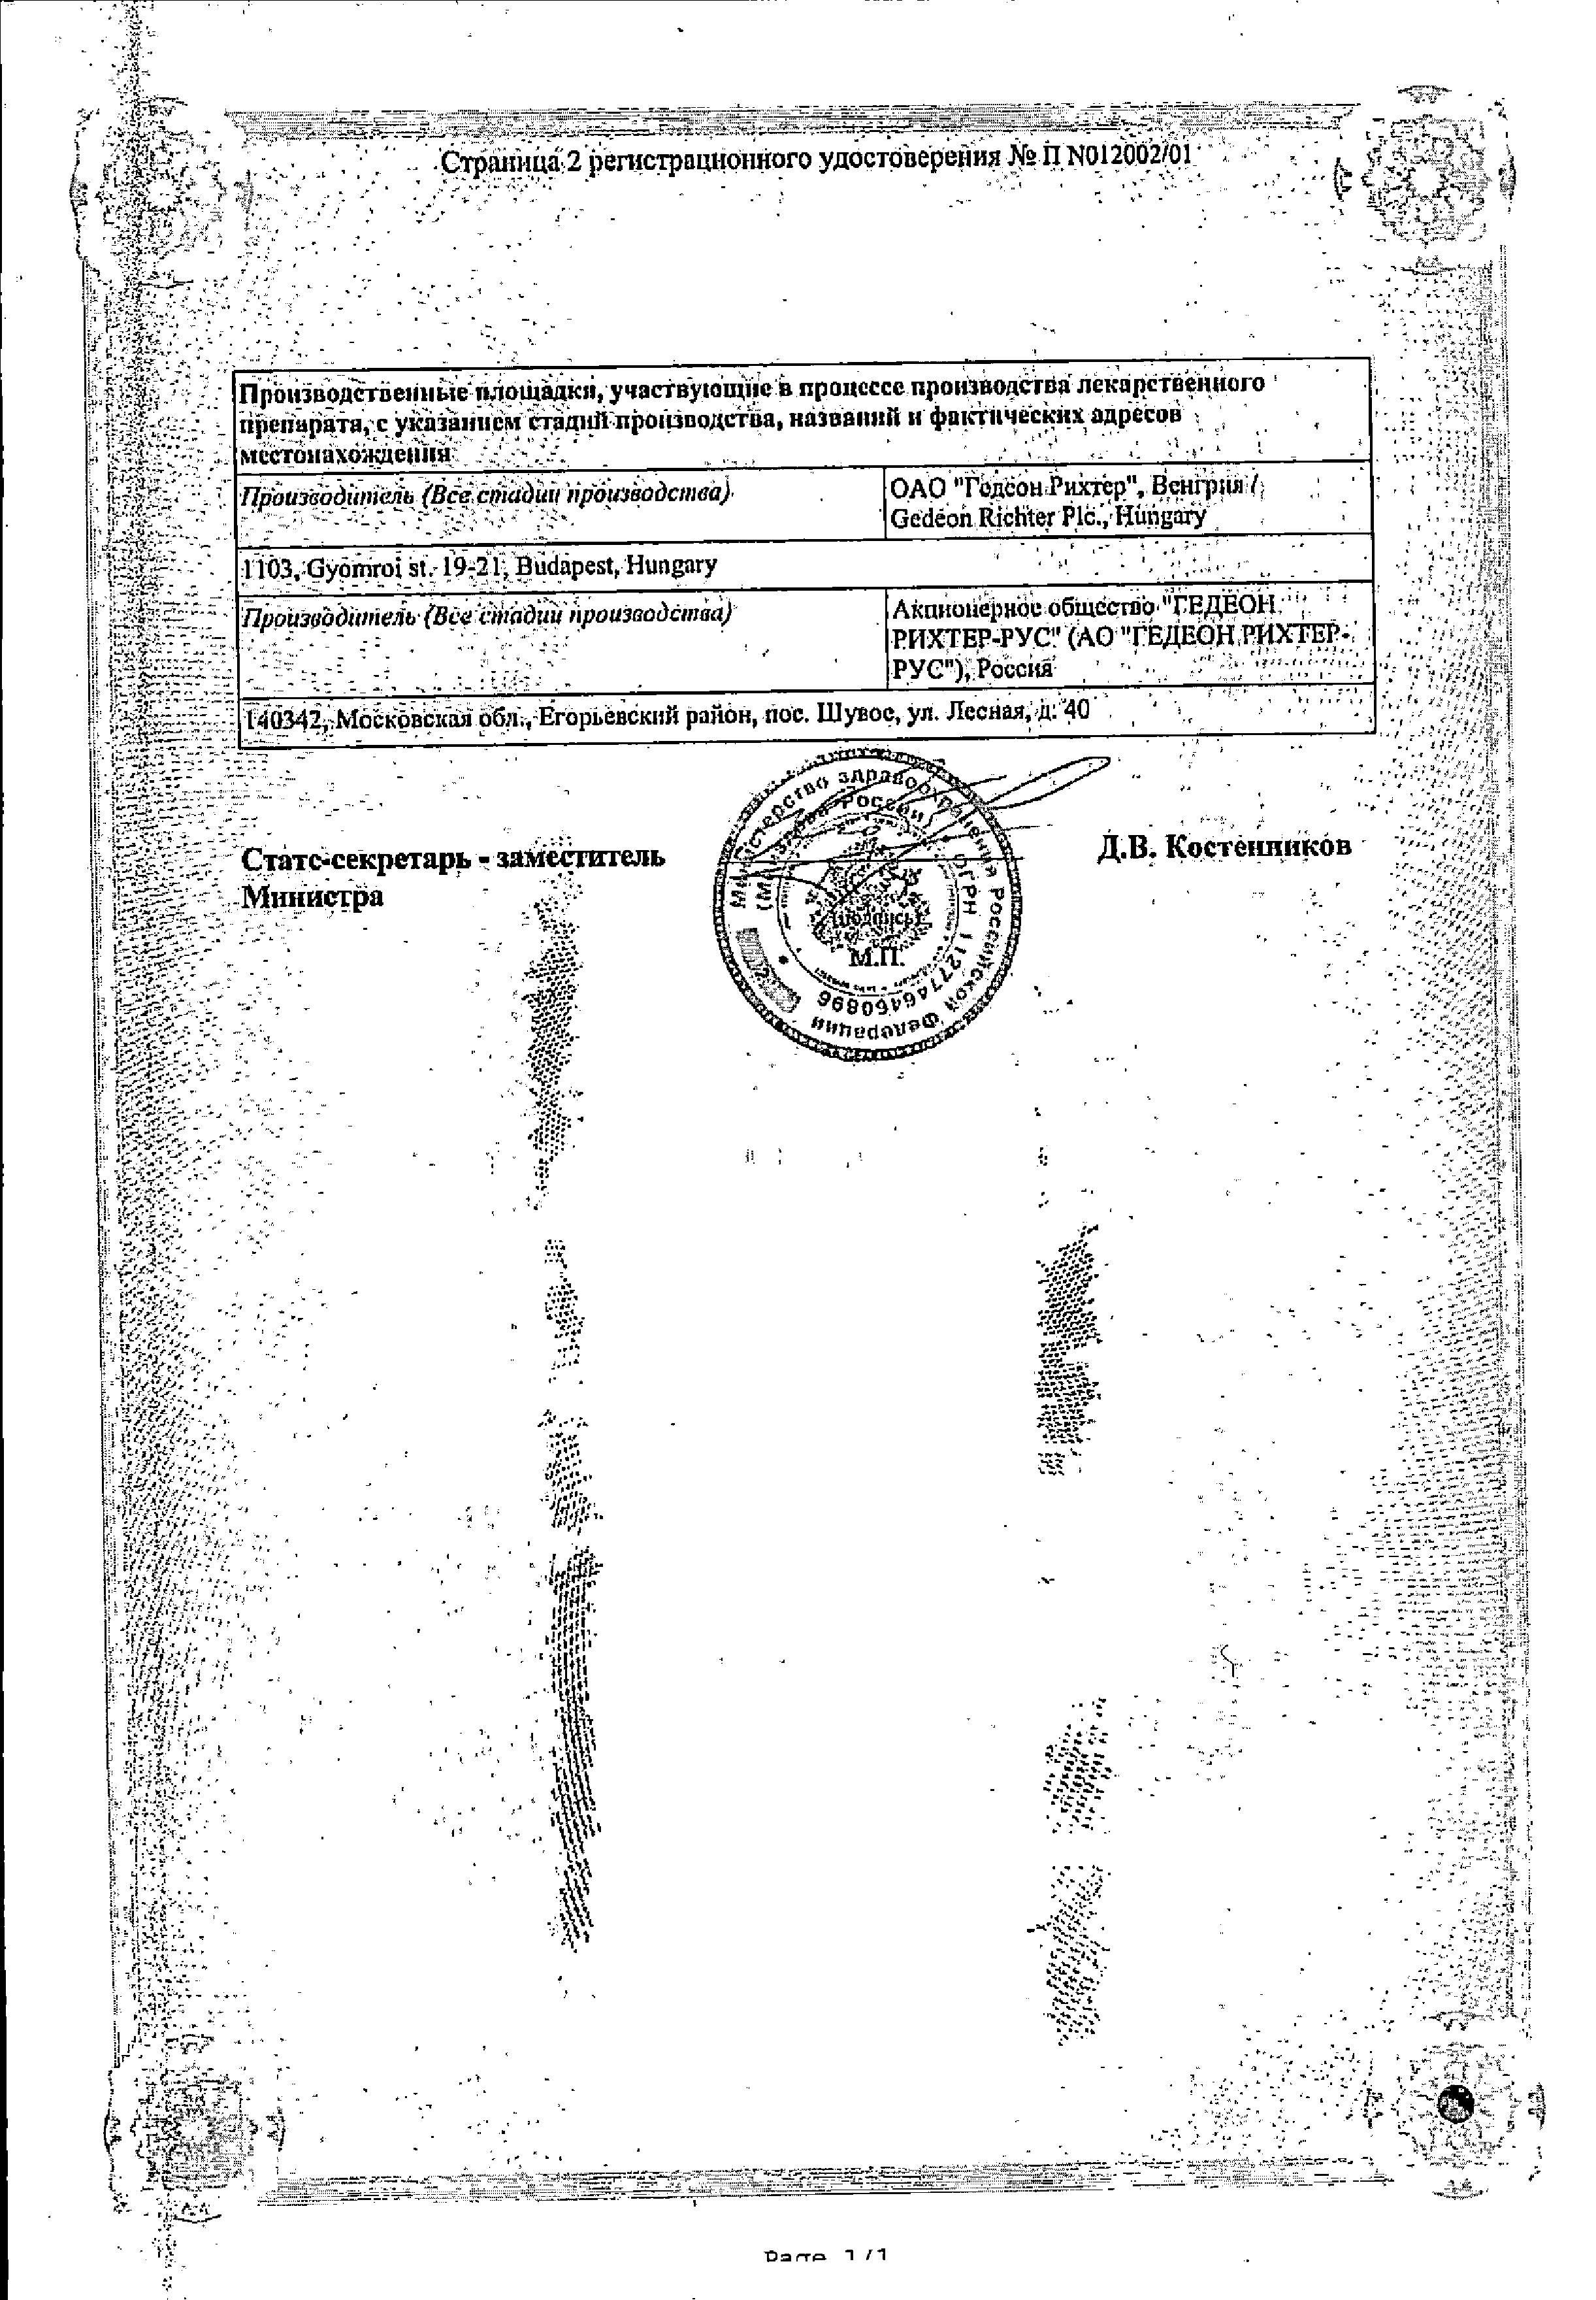 Квамател сертификат